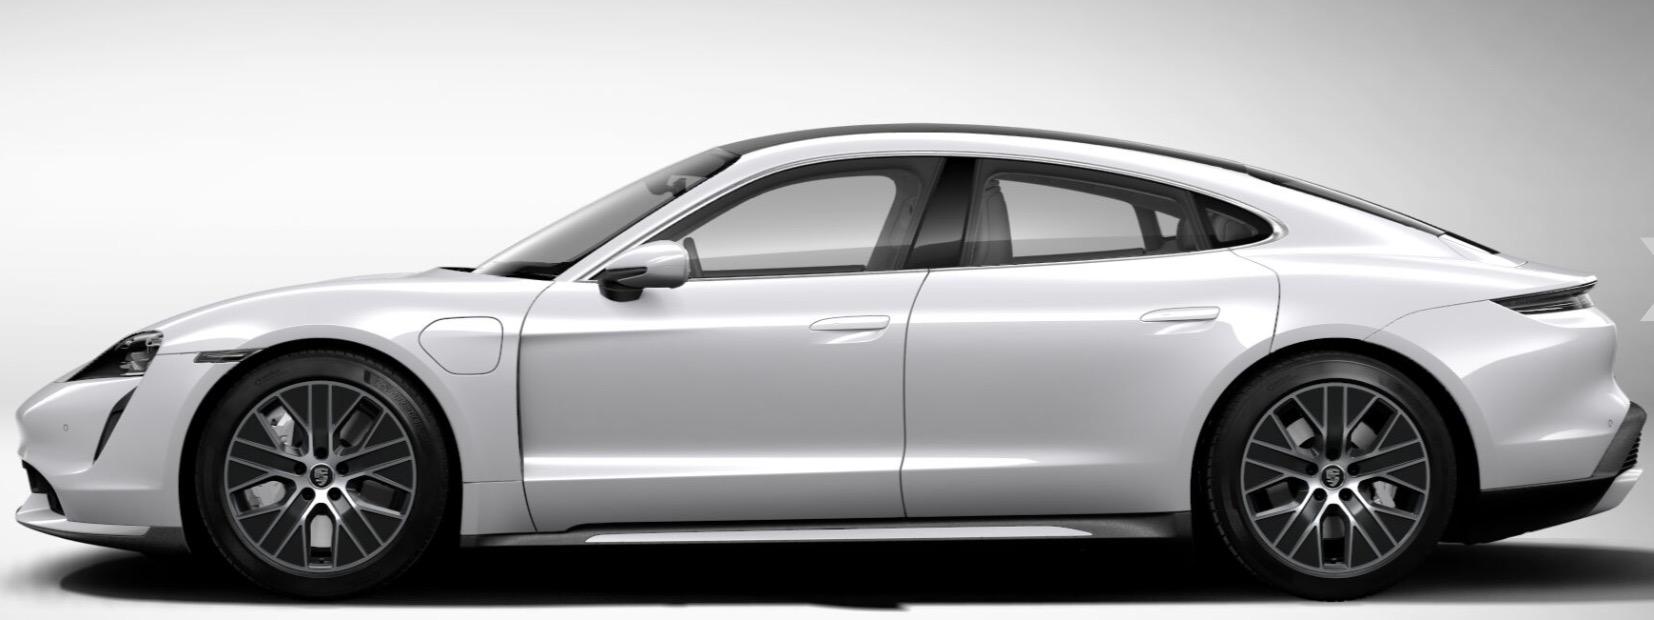 Porsche Taycan Turbo white metallic